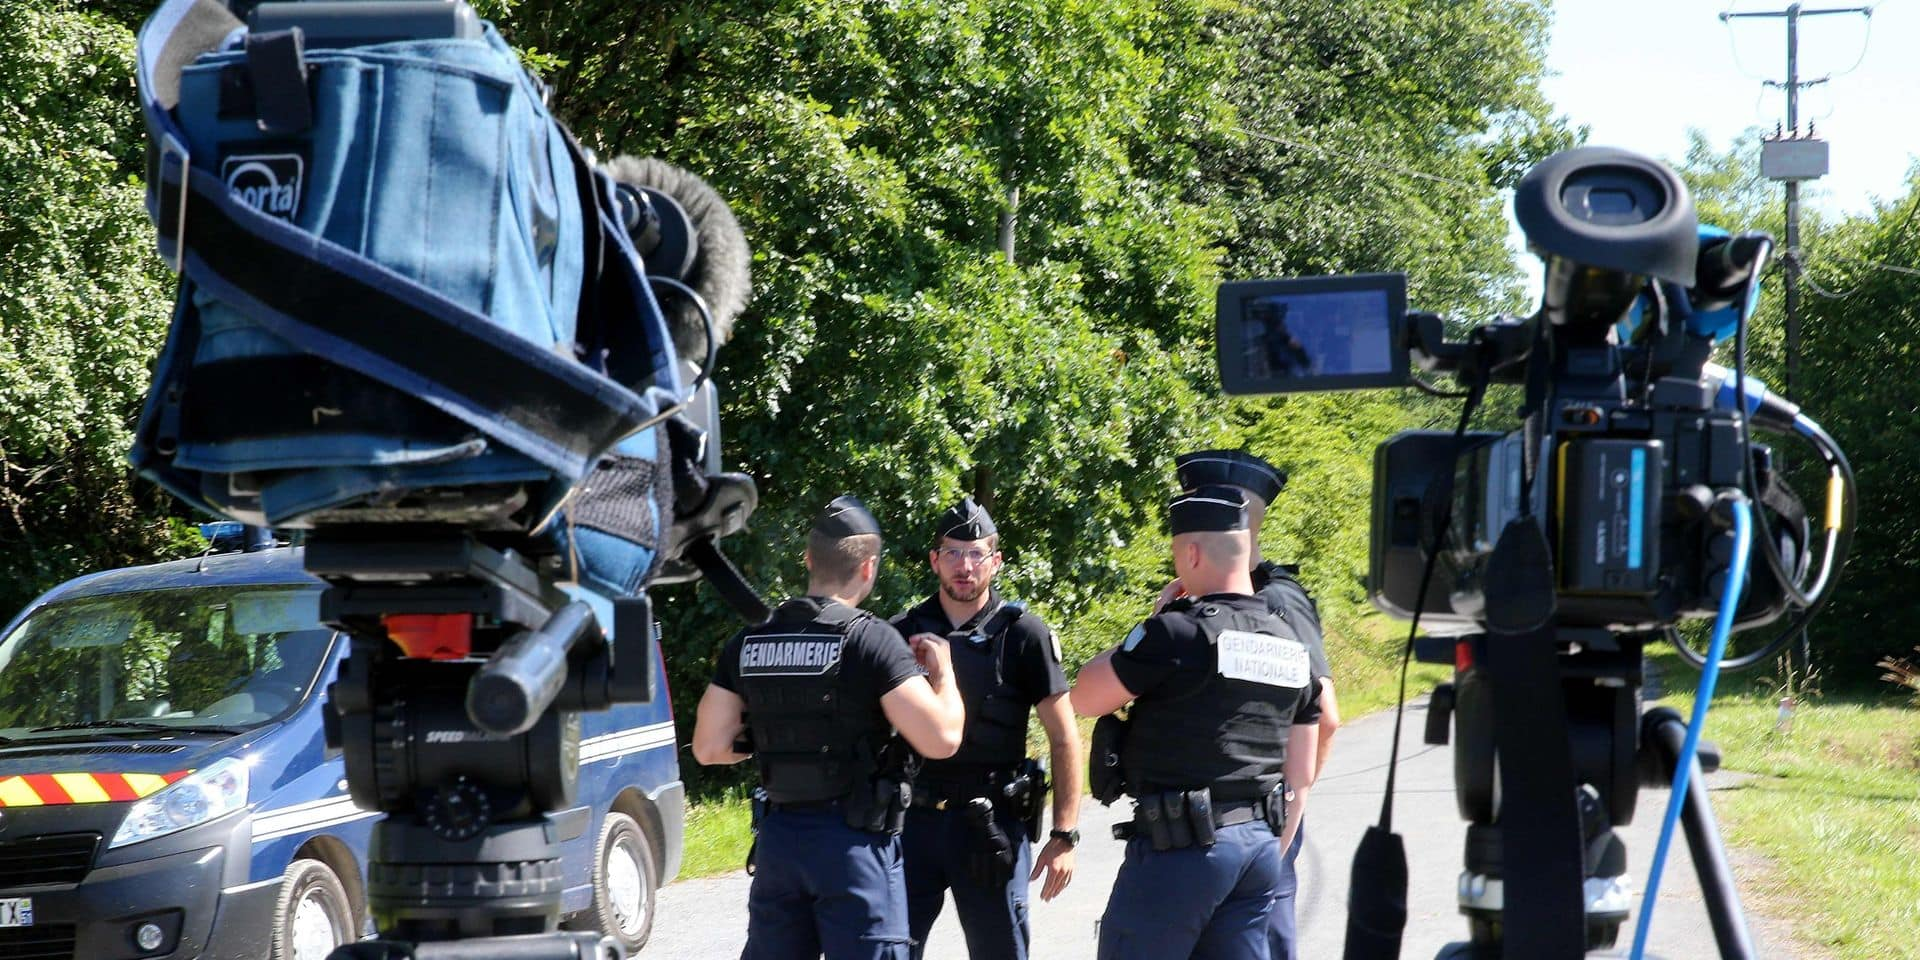 Affaire Mouzin: fin des fouilles dans les Ardennes, le corps introuvable